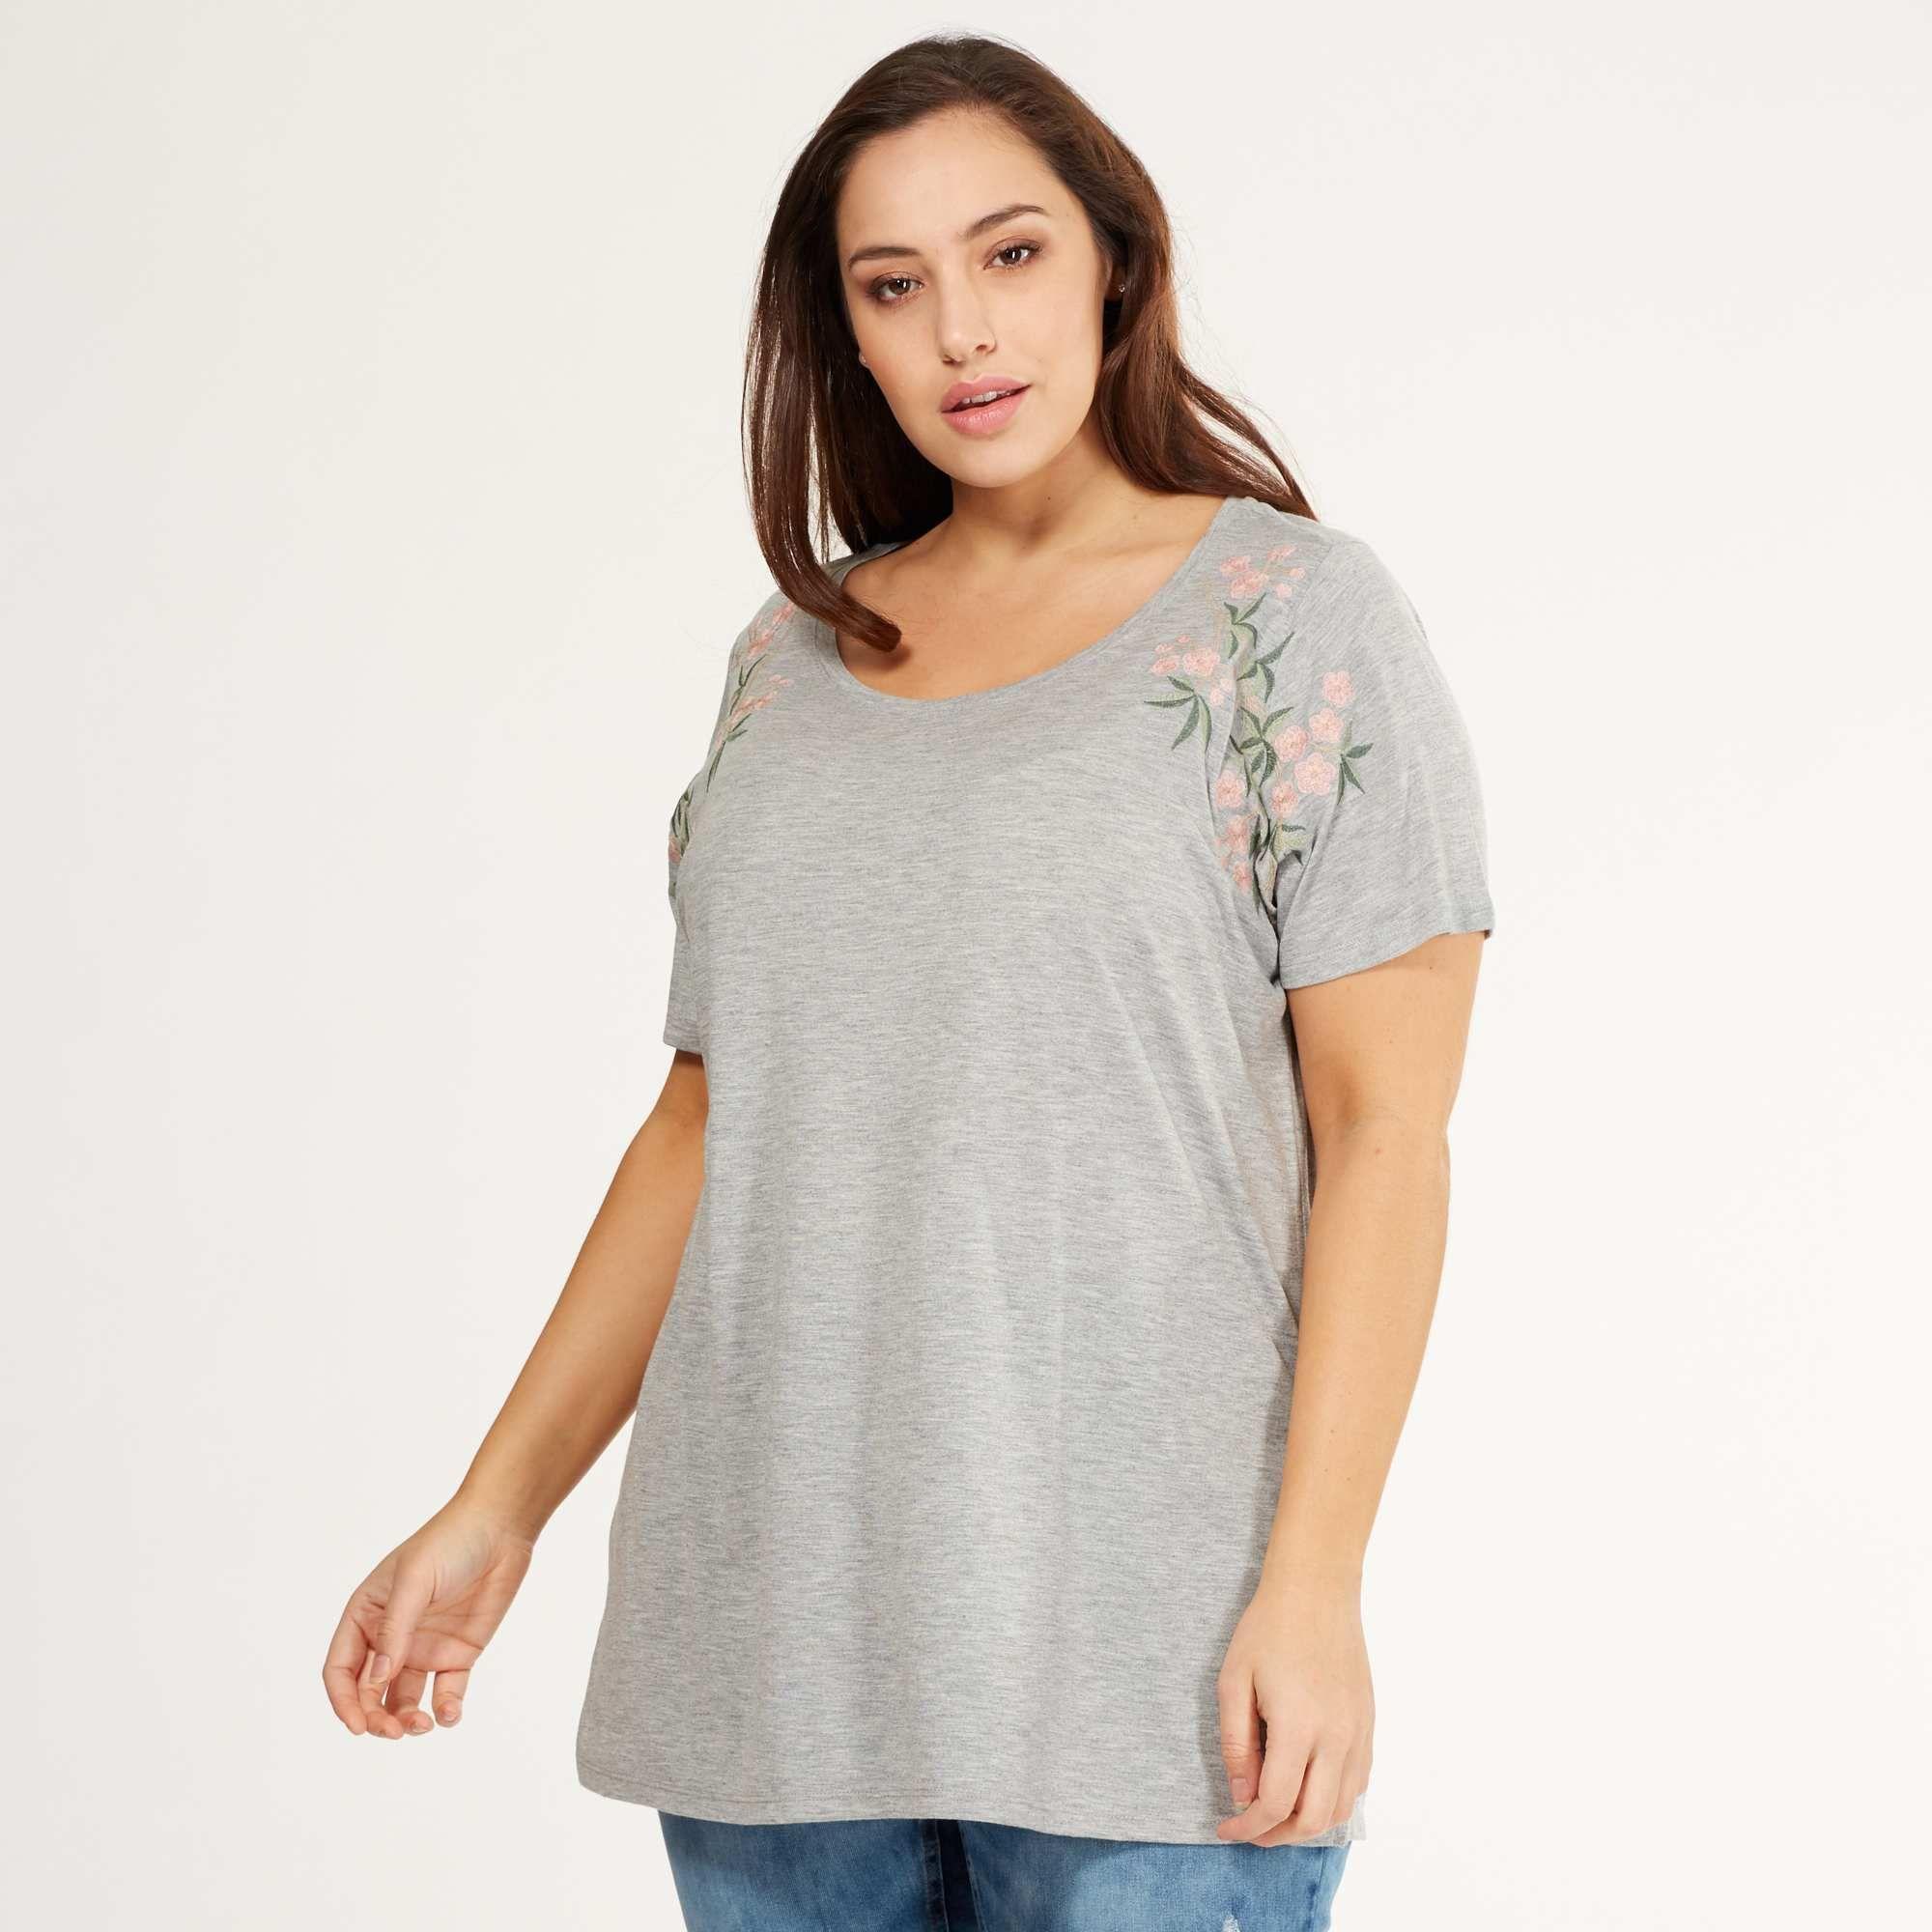 Taille Kiabi Broderies Jersey Sur Shirt Épaules Femme Rsqcthd Grande Tee MVUzqSp